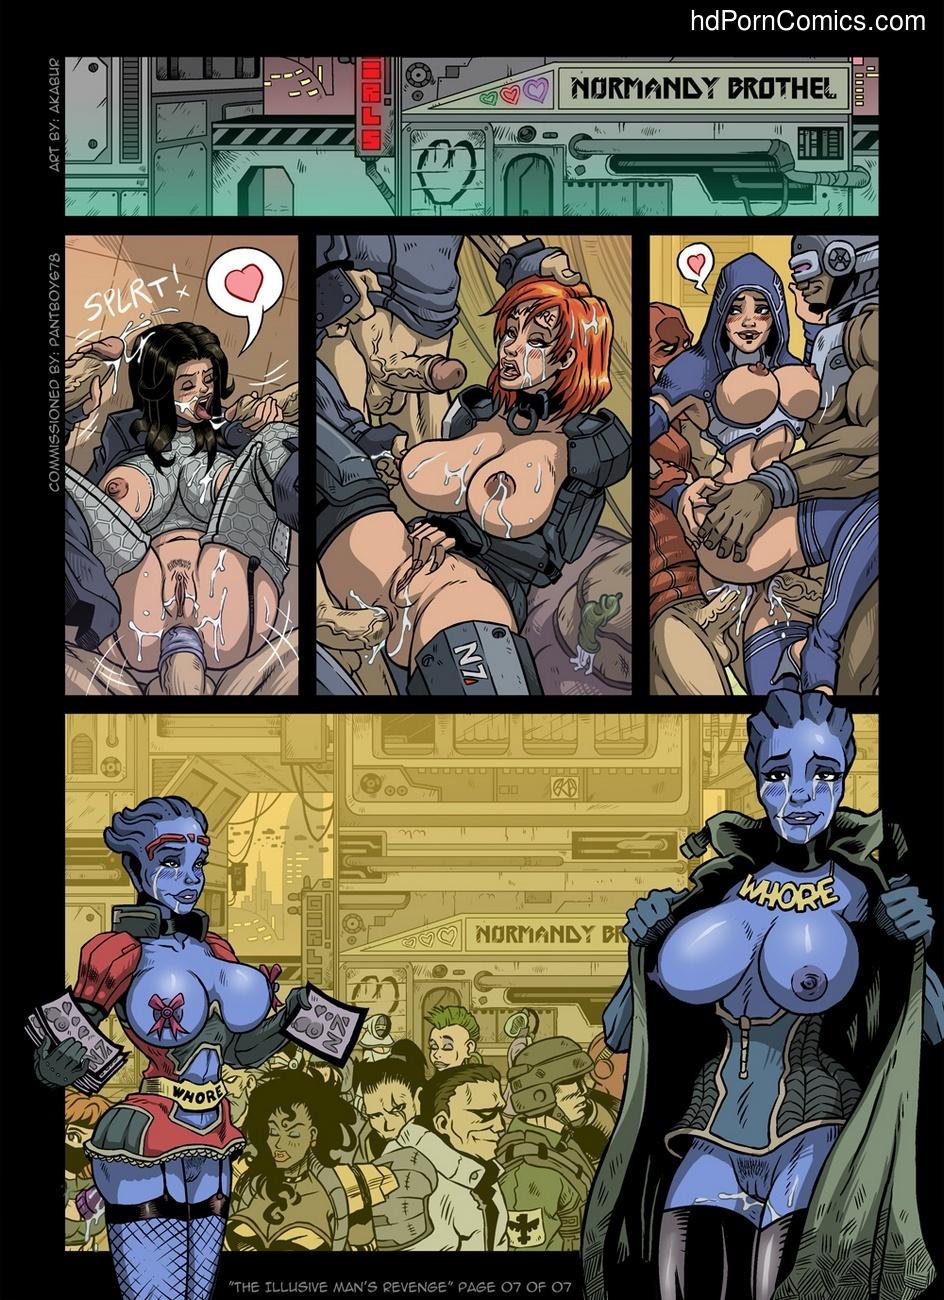 The Illusive Man's Revenge 8 free sex comic